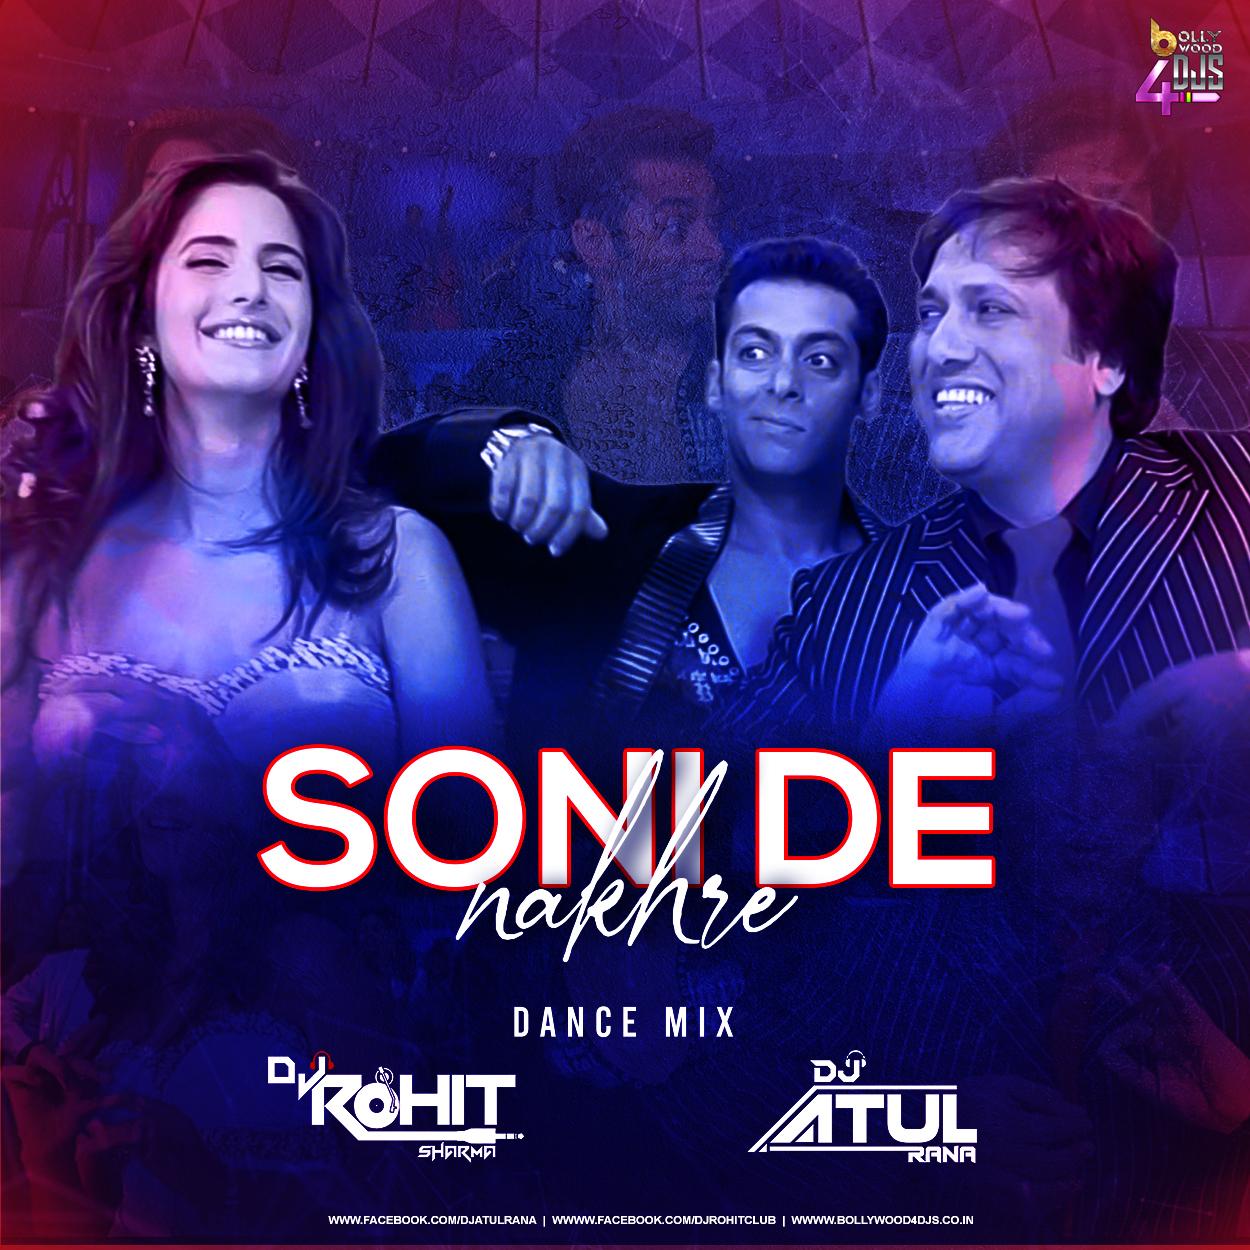 Soni De Nakhre ( Dance Mix) Dj Atul Rana x DJ Rohit Sharma